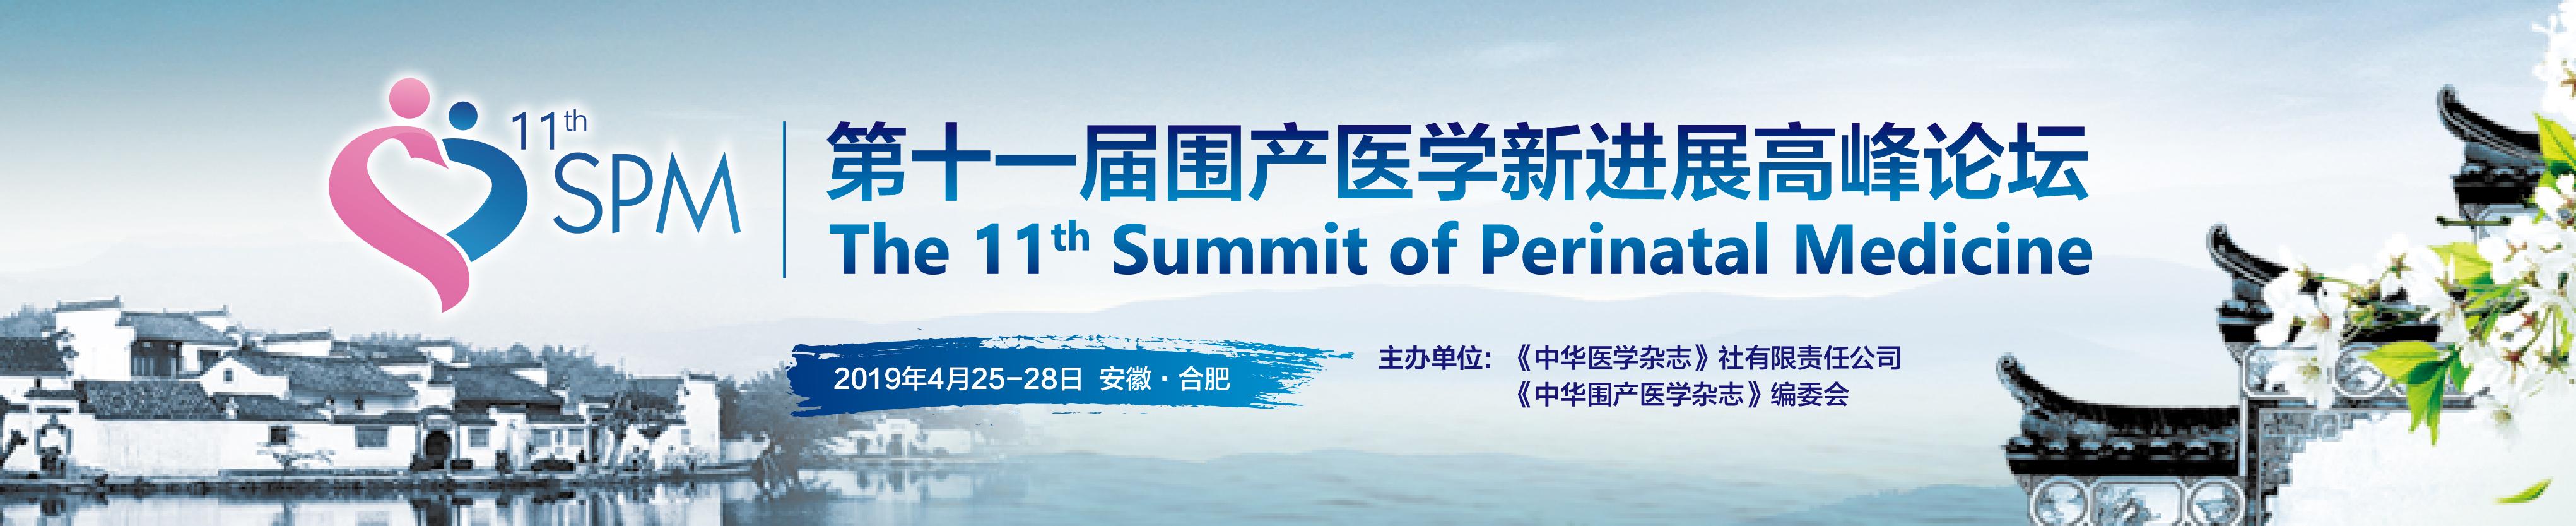 第十一届围产医学新进展高峰论坛